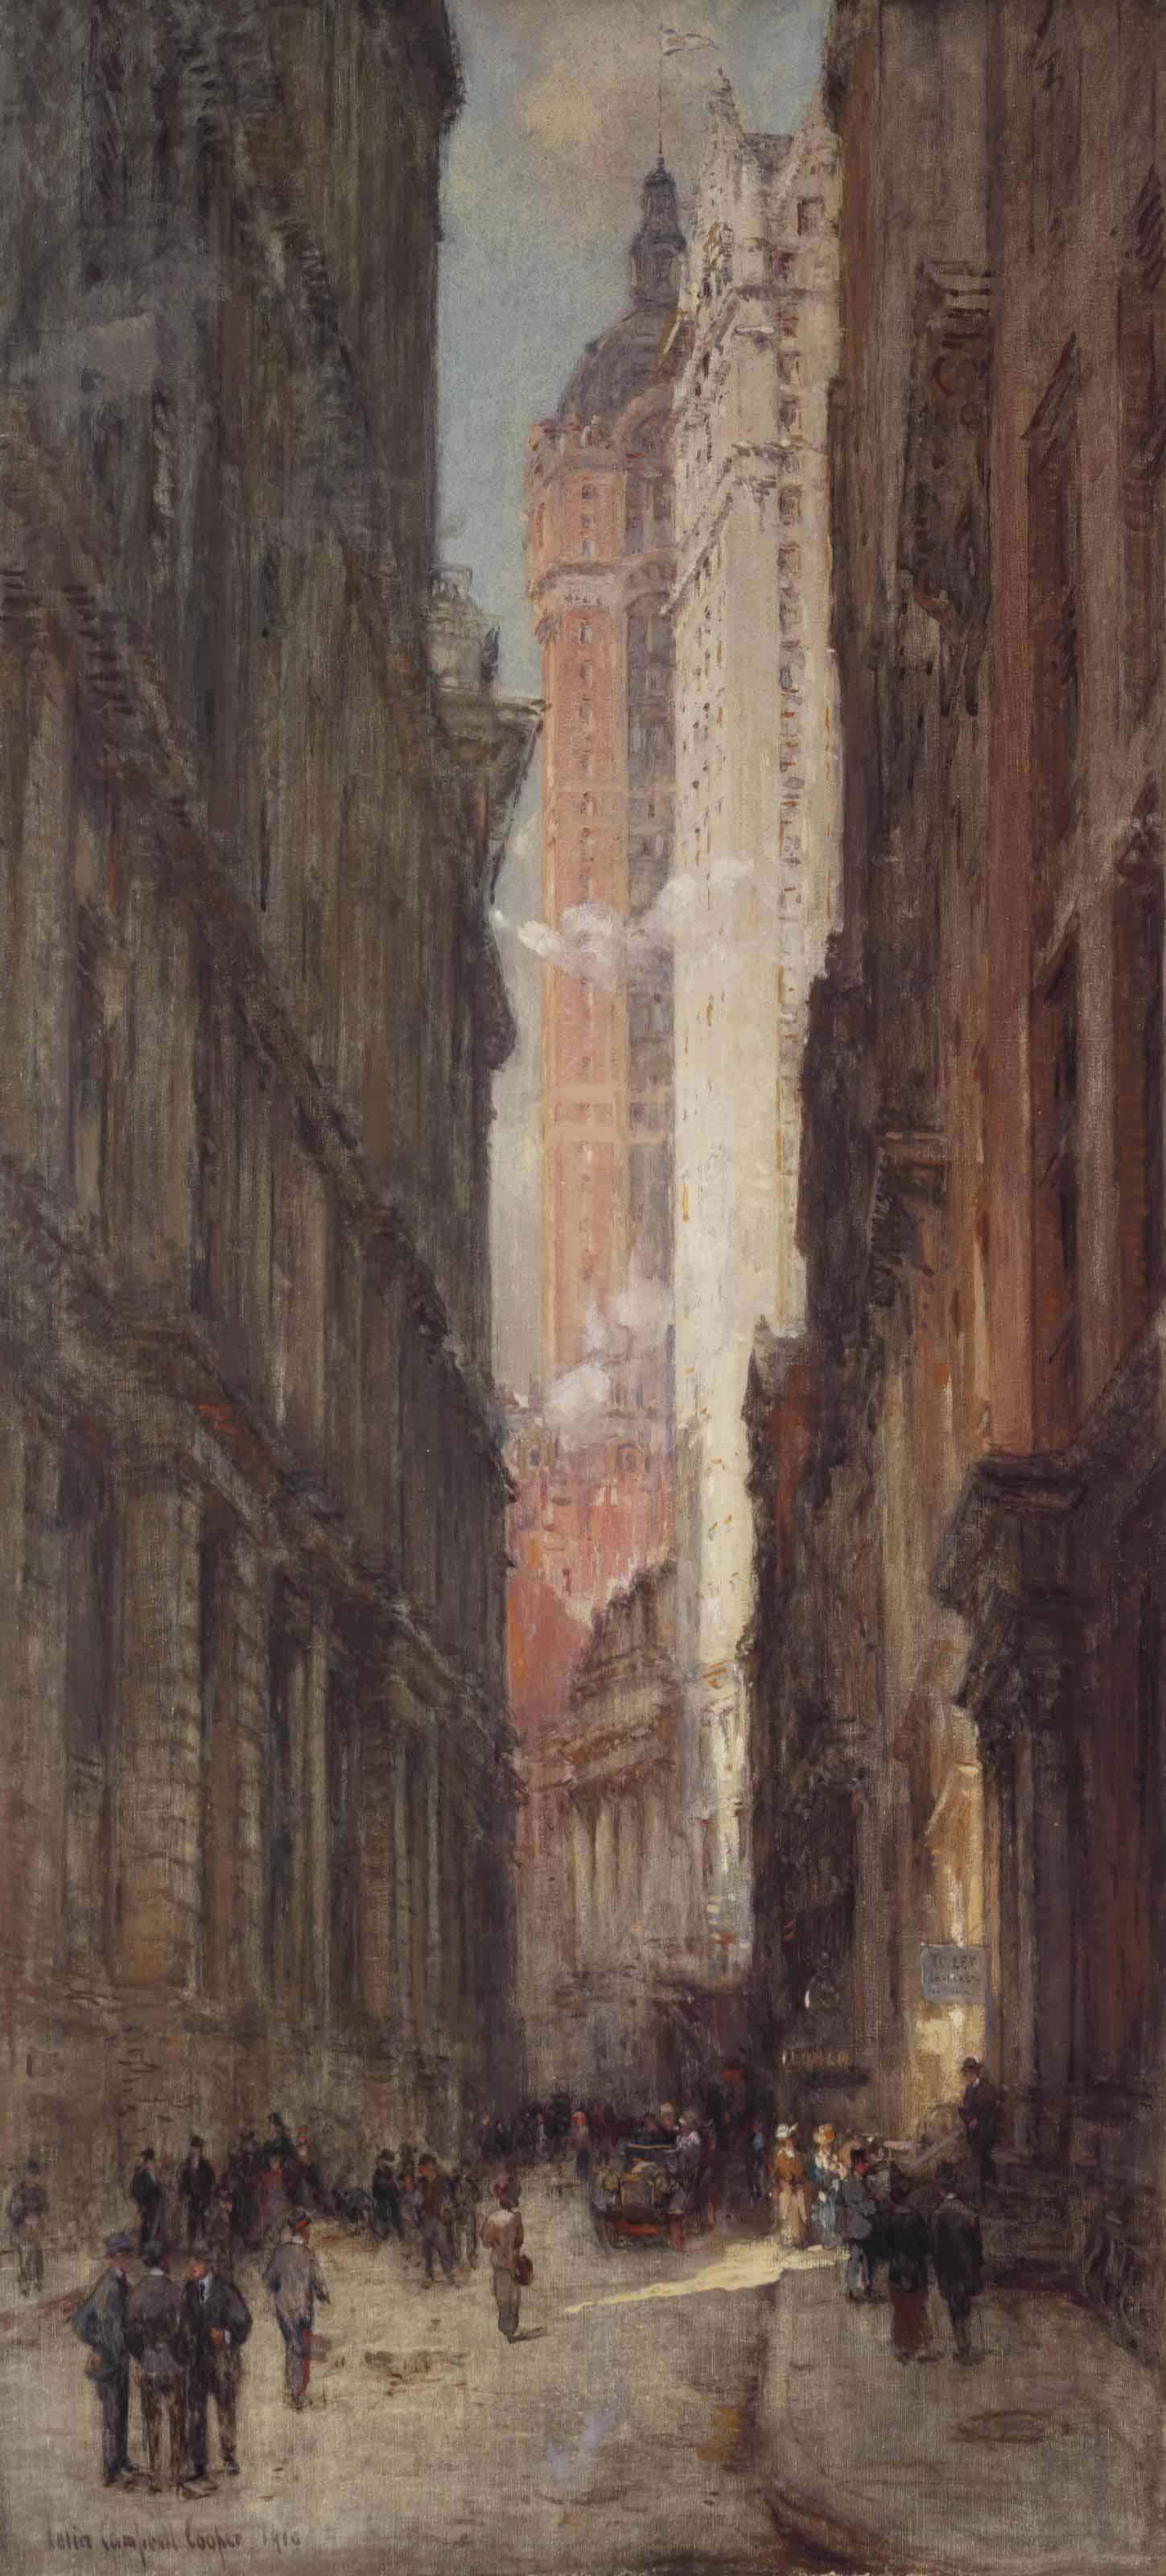 Liberty Street Crevasse, N.Y.C.